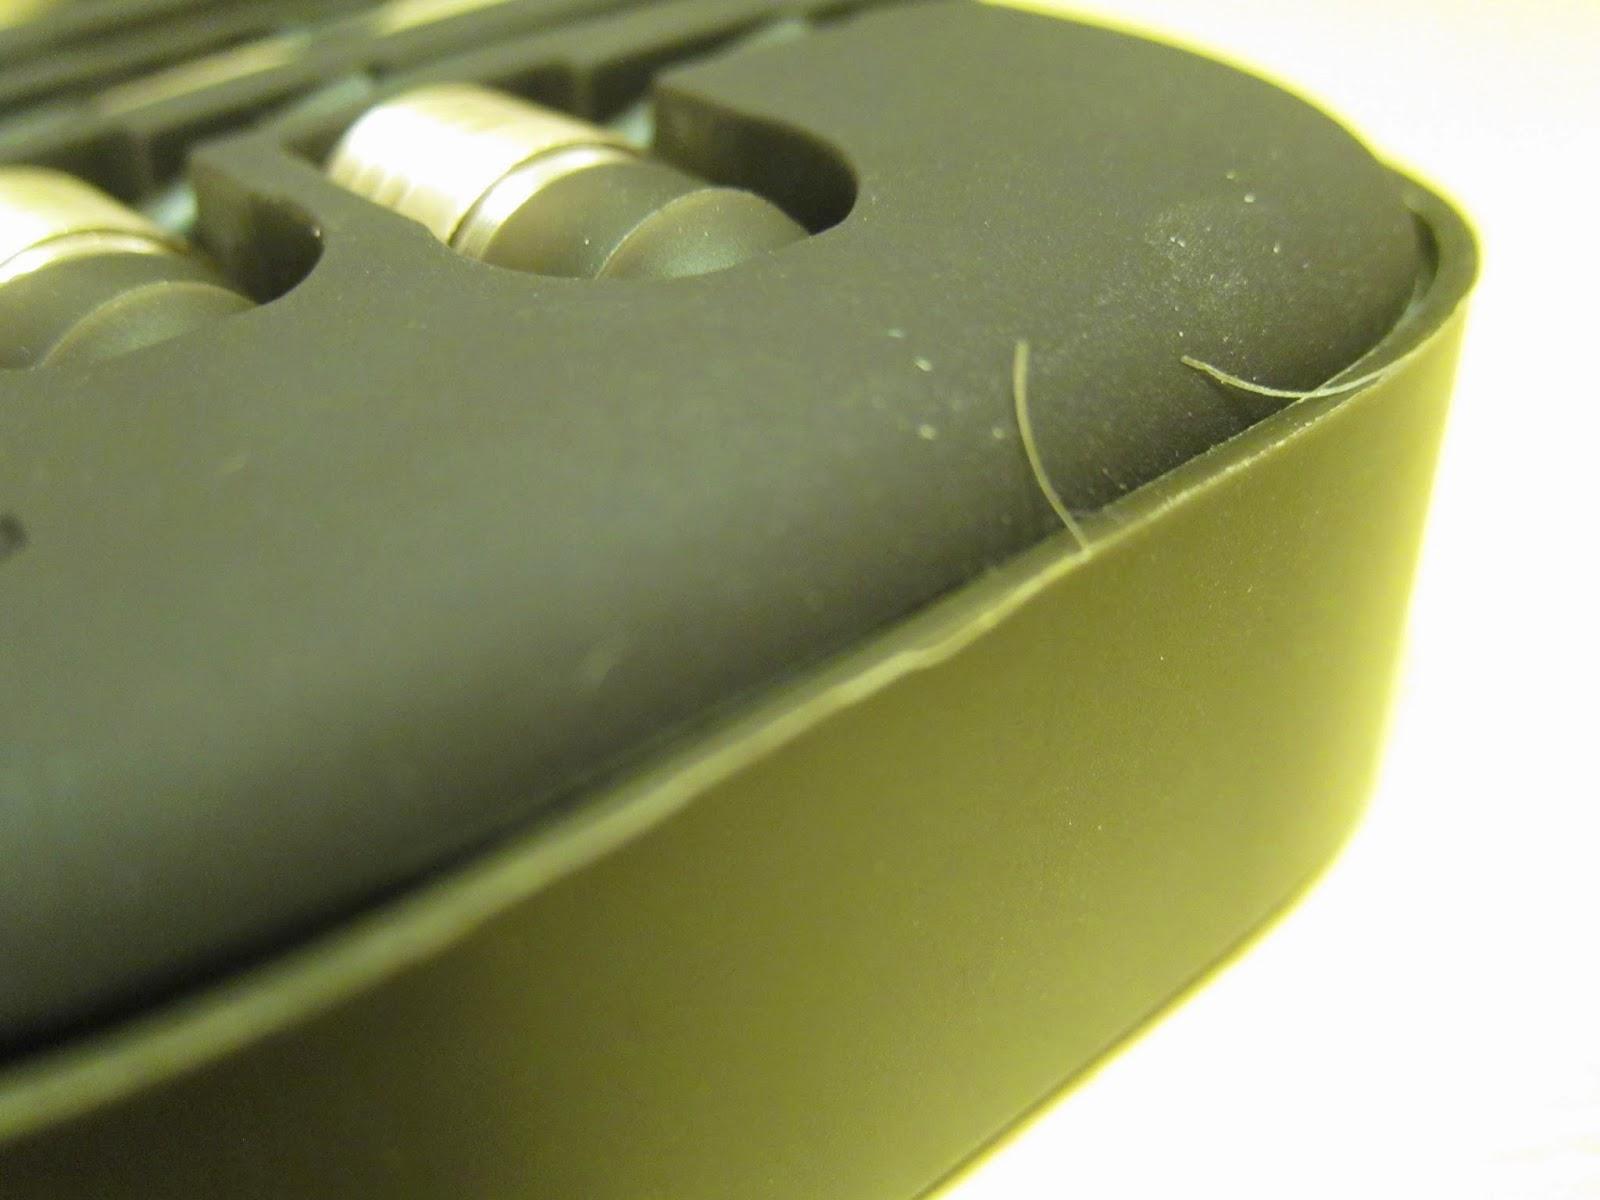 IMG 2296 - [開箱] 聽歌神器?新小米活塞耳機 $495 入手!